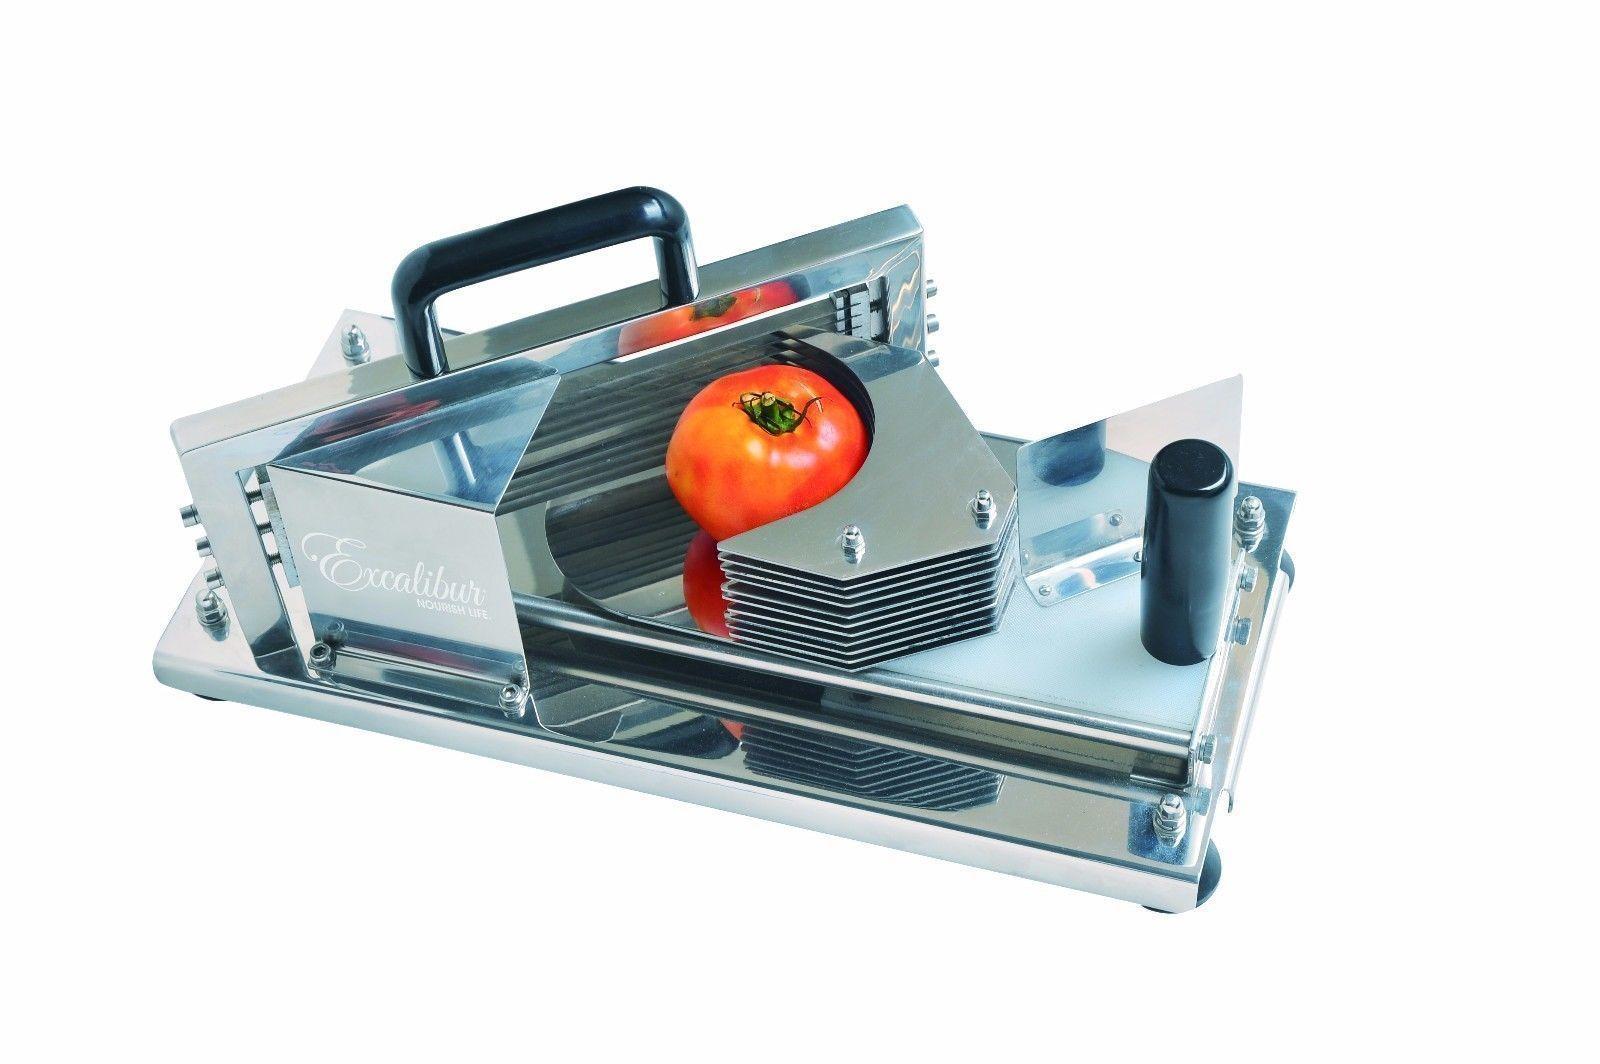 Excalibur Fruit &Vegetable Slicer, Stainless Steel Meat Slicer, EVS100